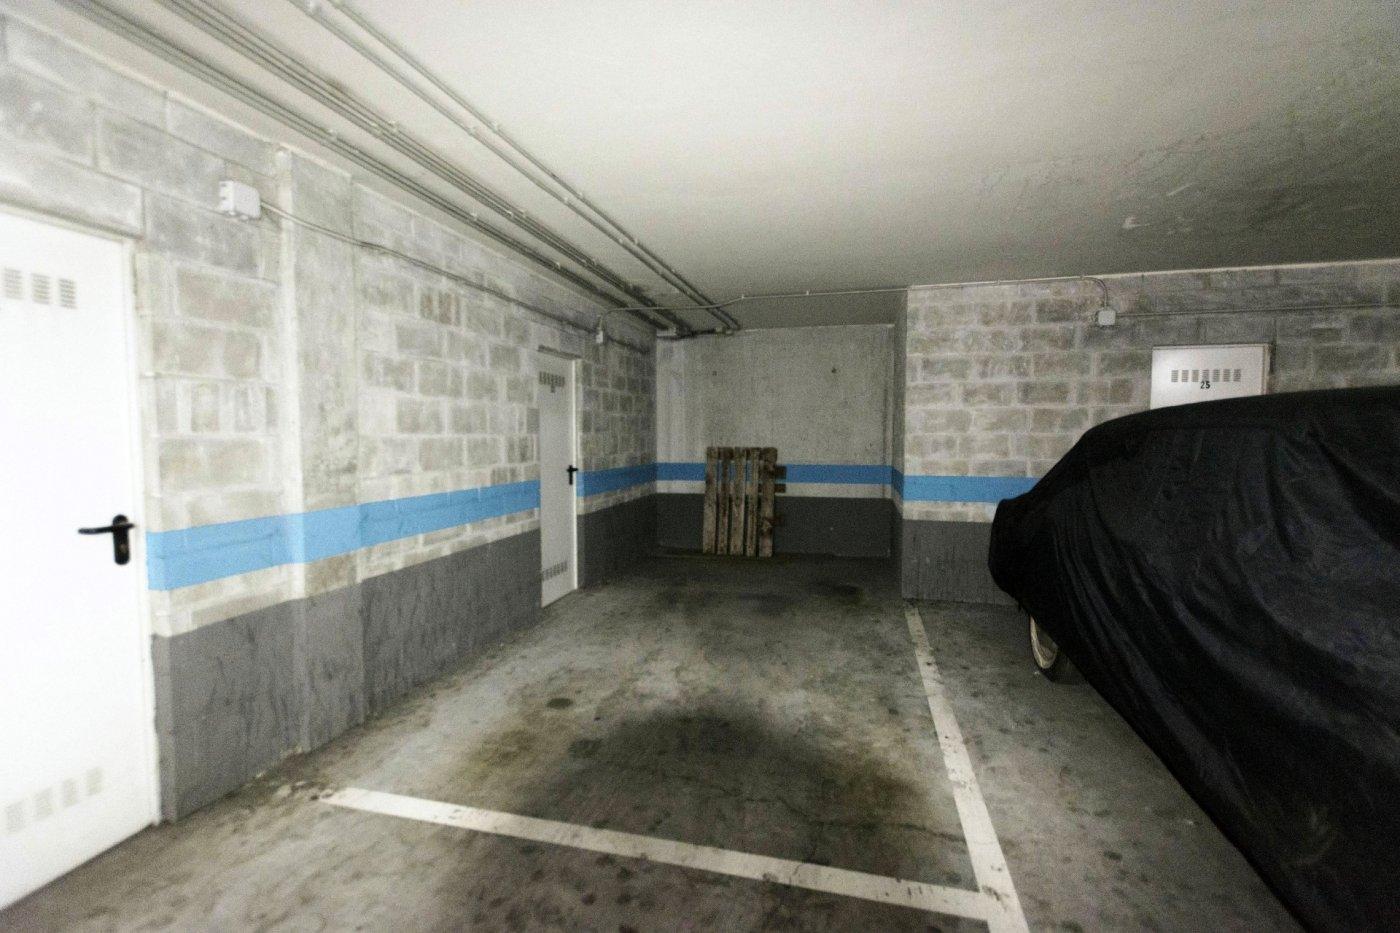 Ático con terraza de 11 m2, a 2 km de salinas - imagenInmueble25